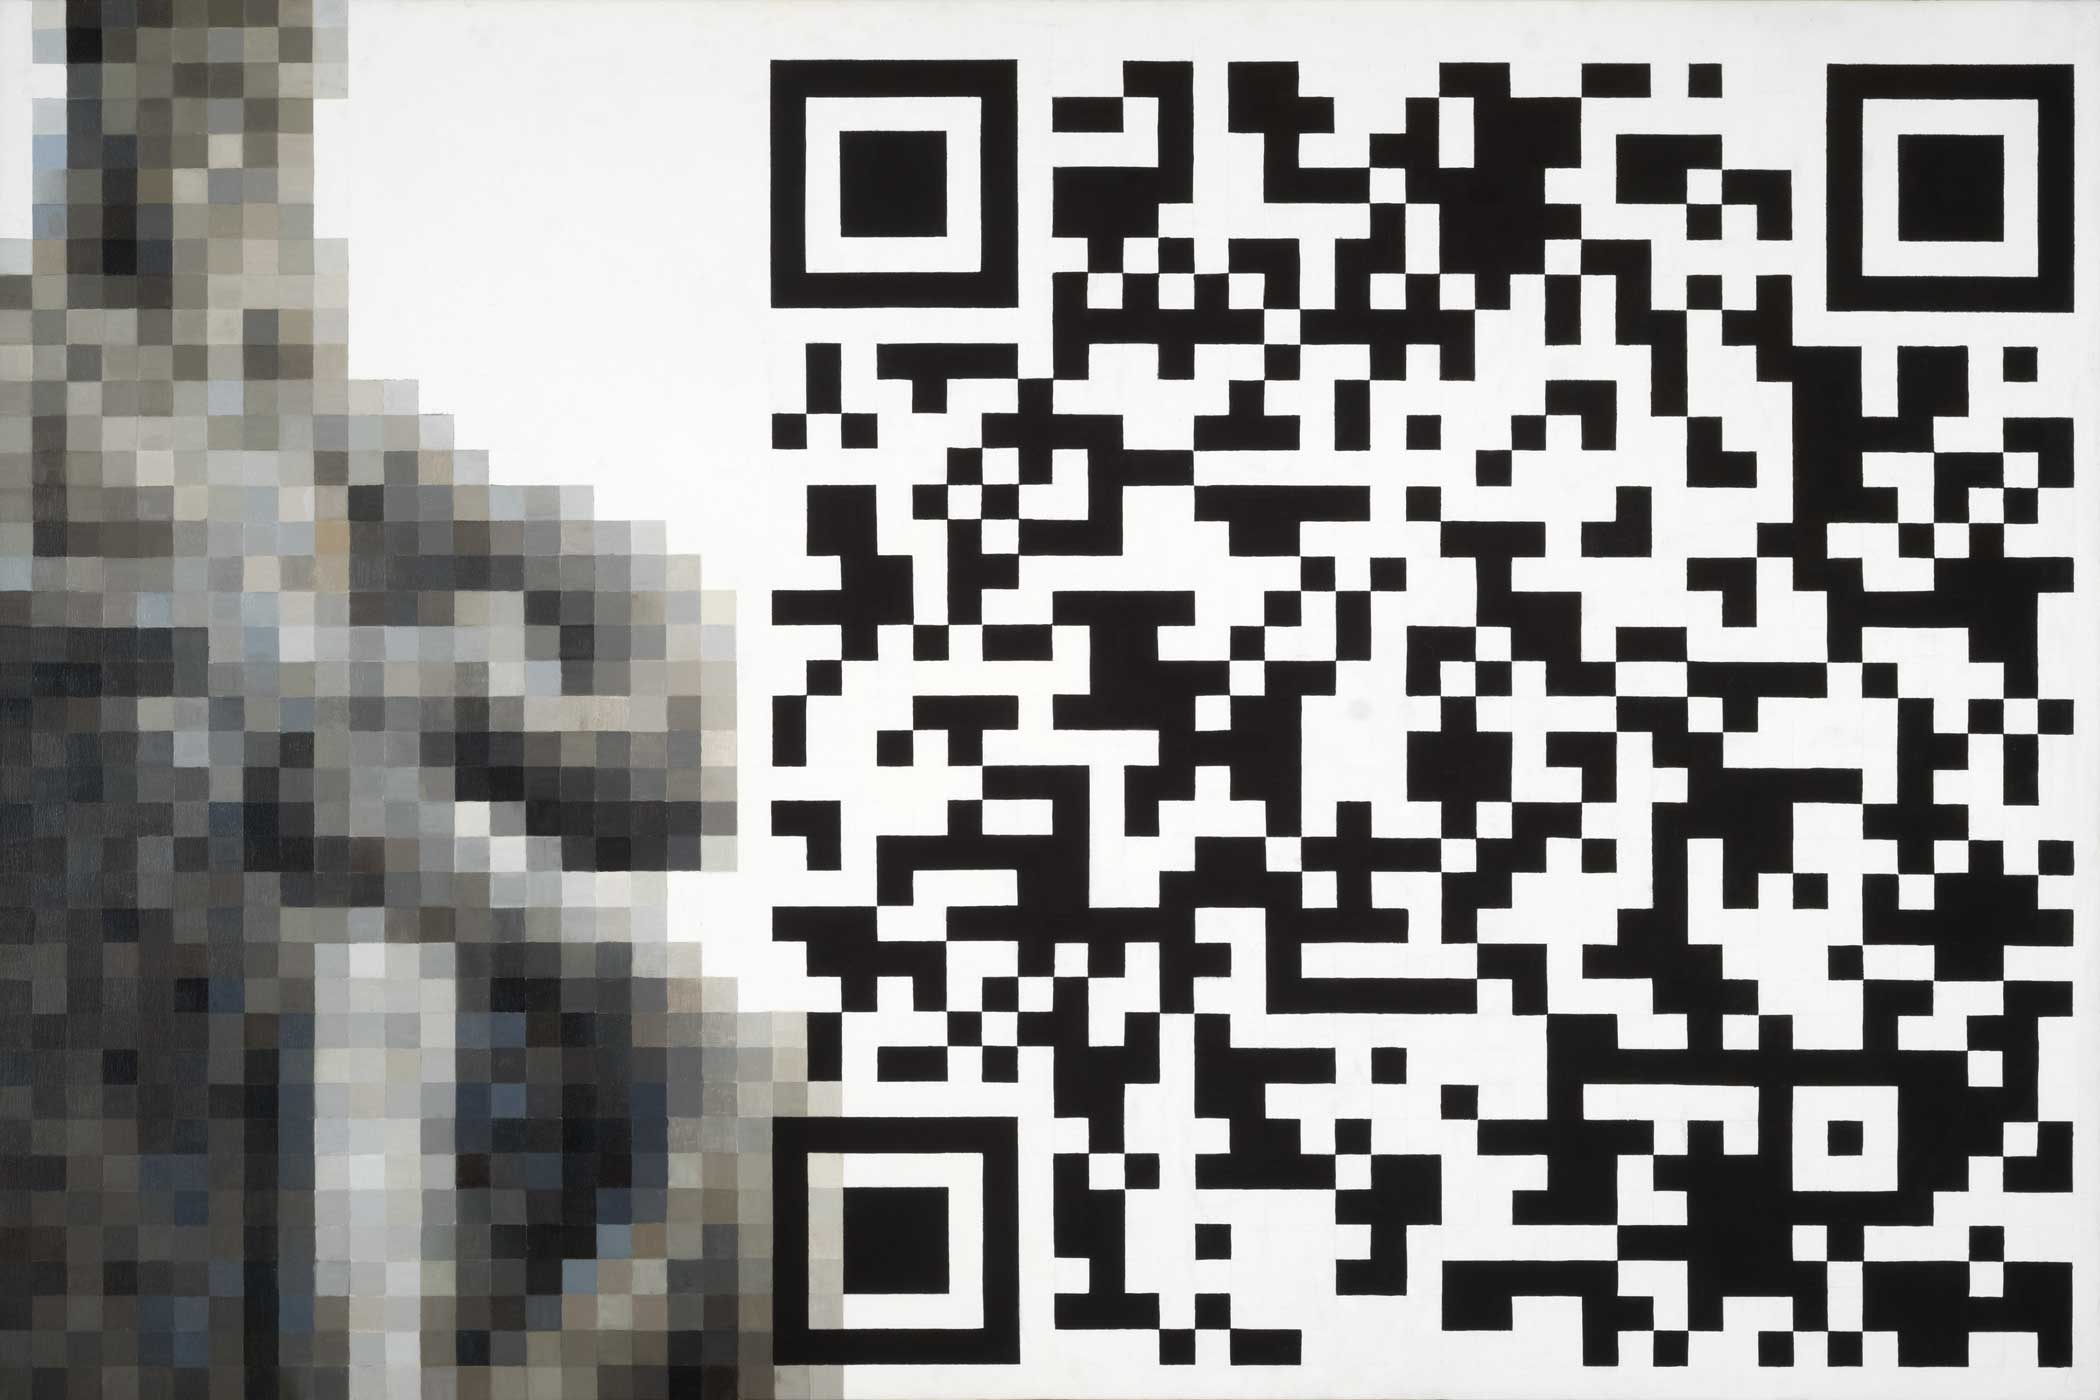 Fabrice de Nola, Palermo, 2010. Olio e acrilico su tela con QR, cm 100 x 150. Crediti fotografici Giacomo D'Aguanno